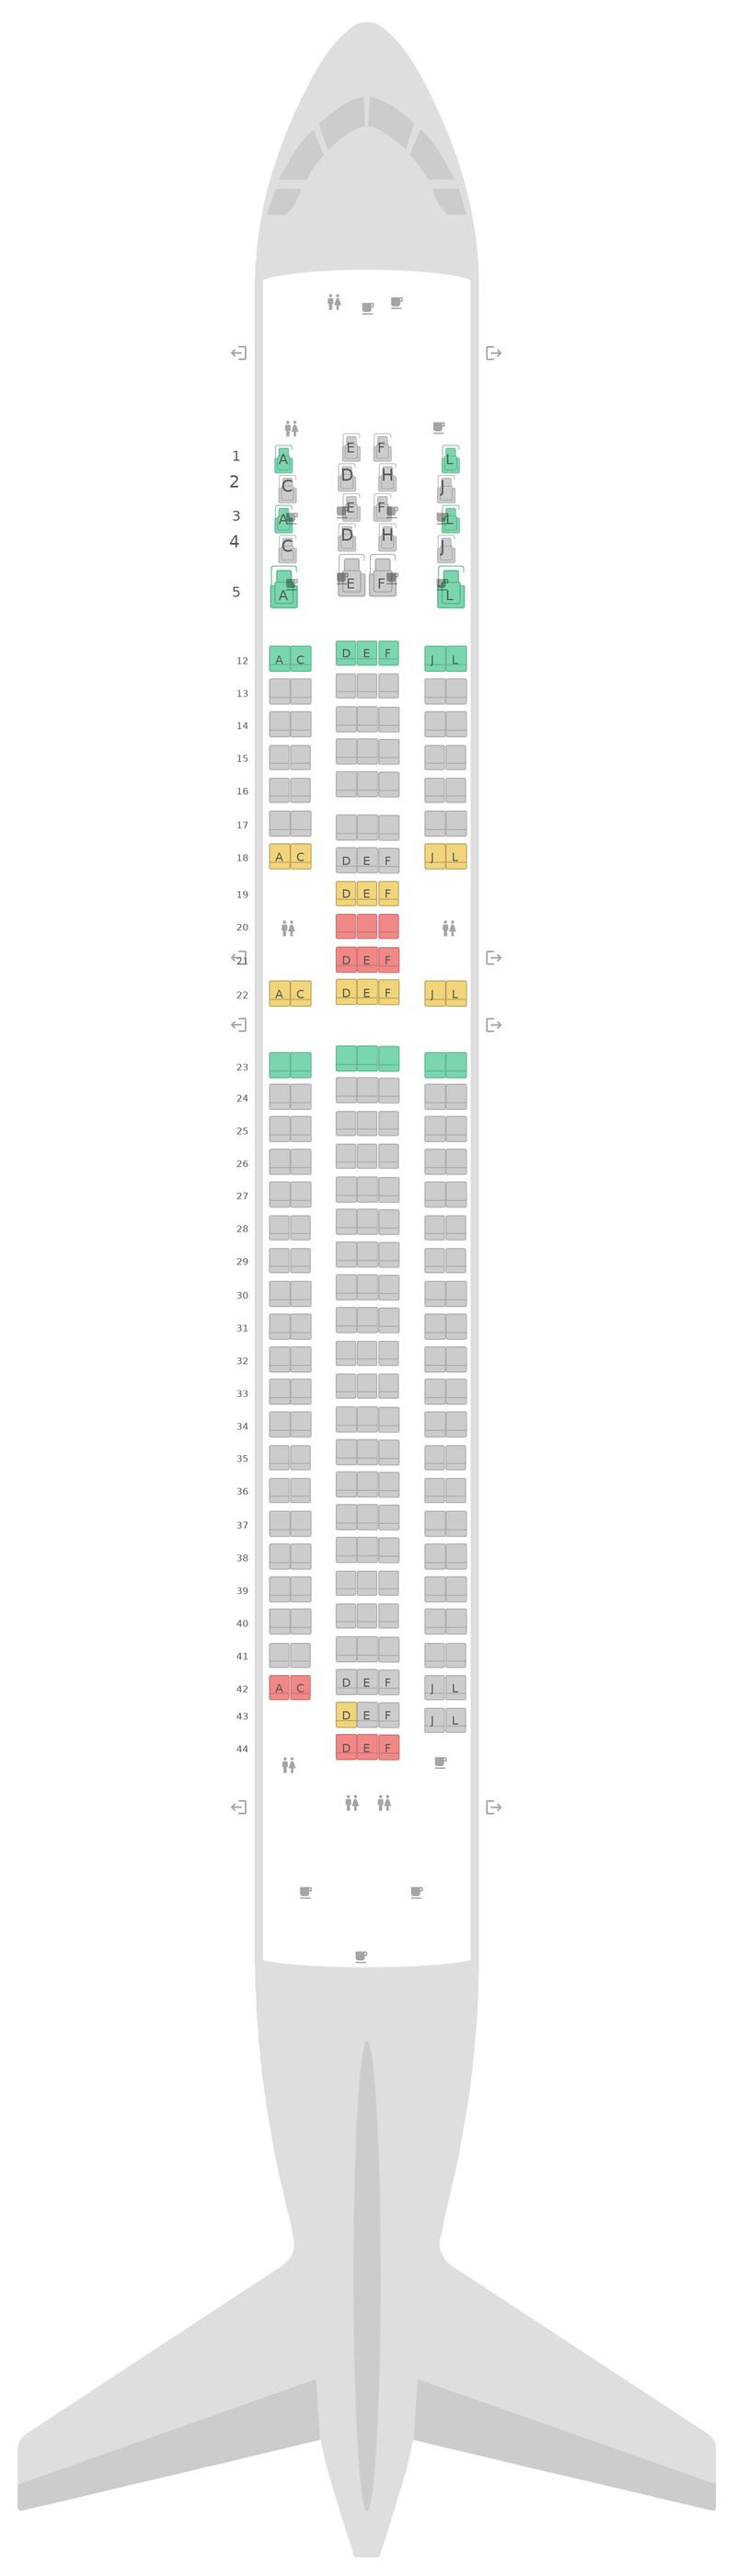 Seat Map LATAM Boeing 767-300ER v1